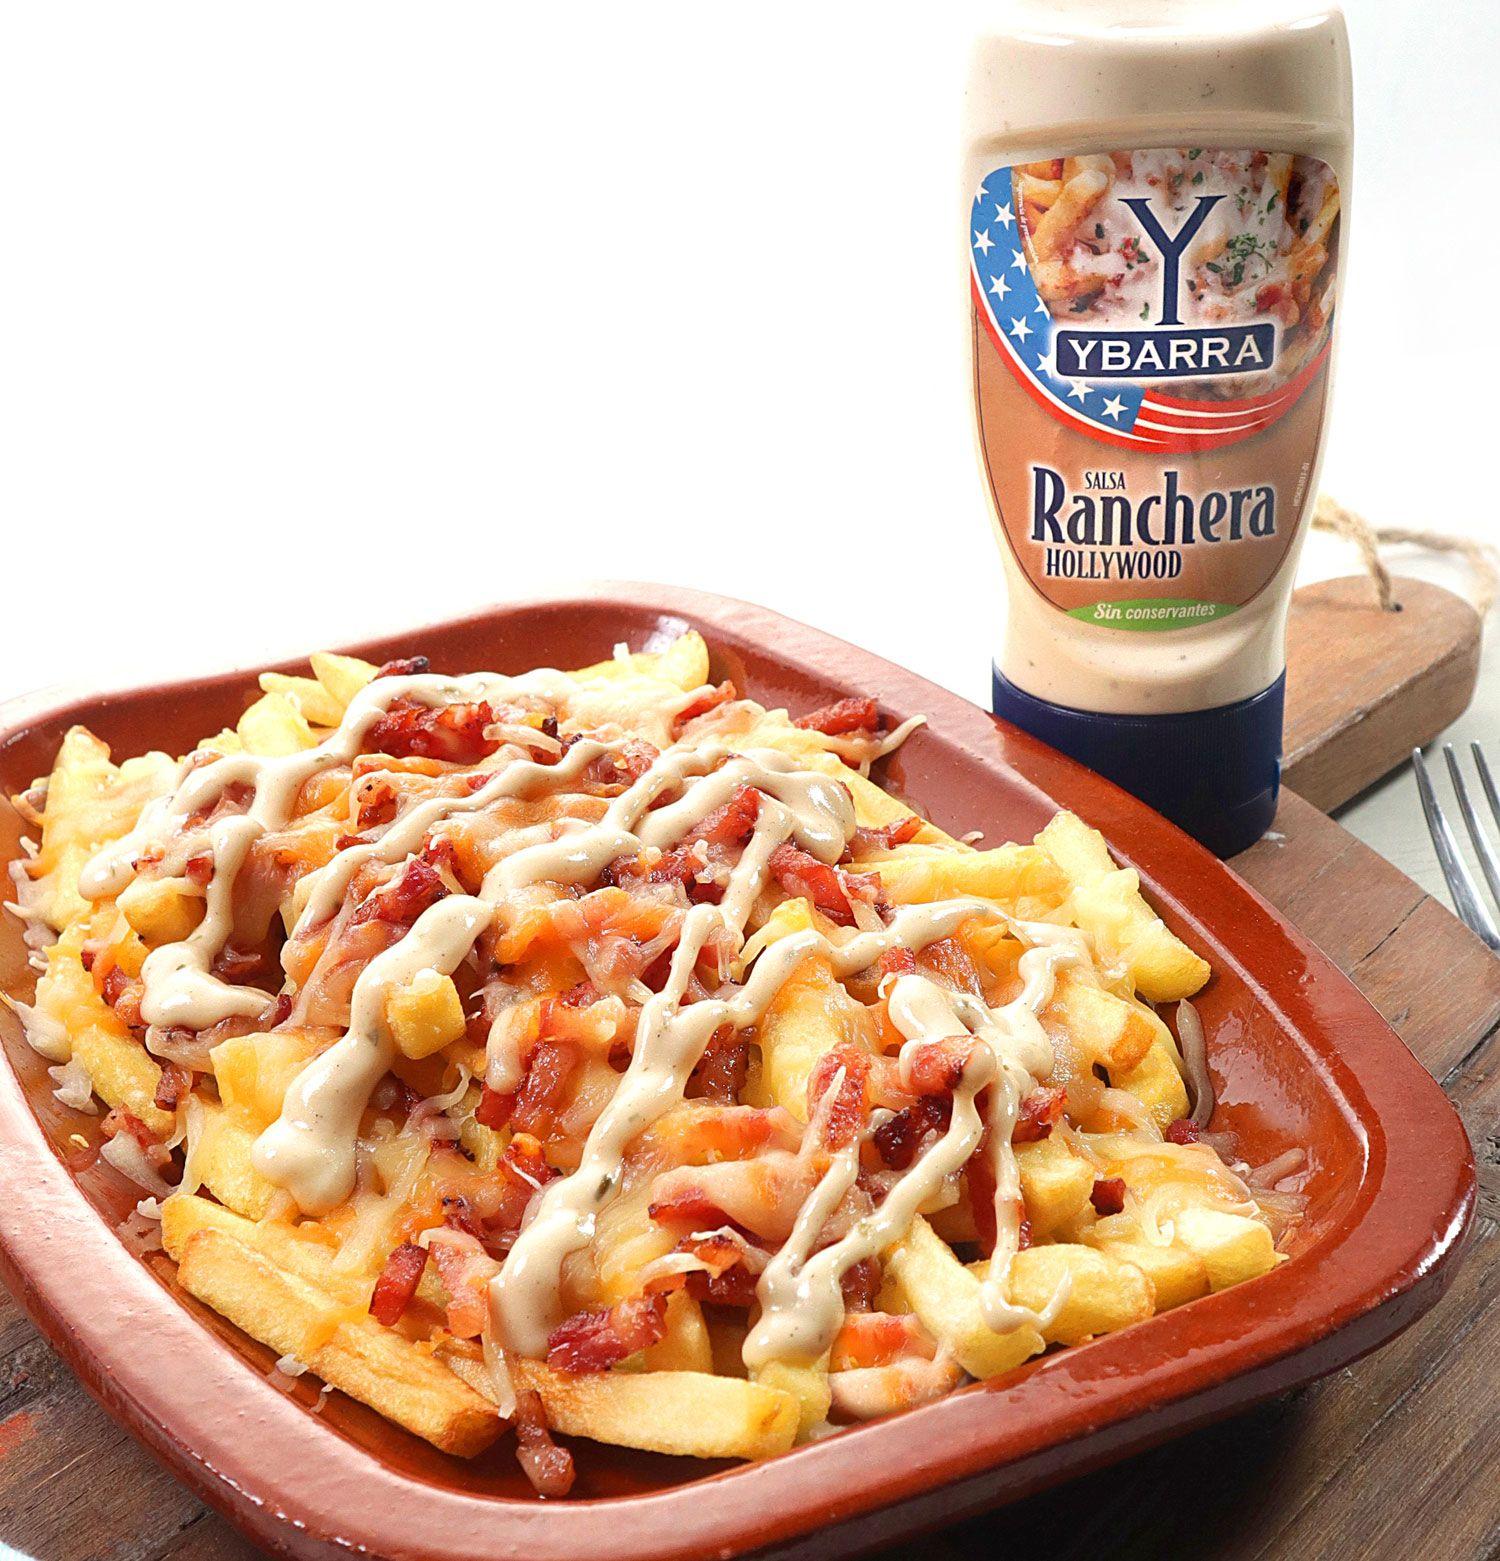 Las patatas fritas con Salsa Ranchera Ybarra son todo un éxito